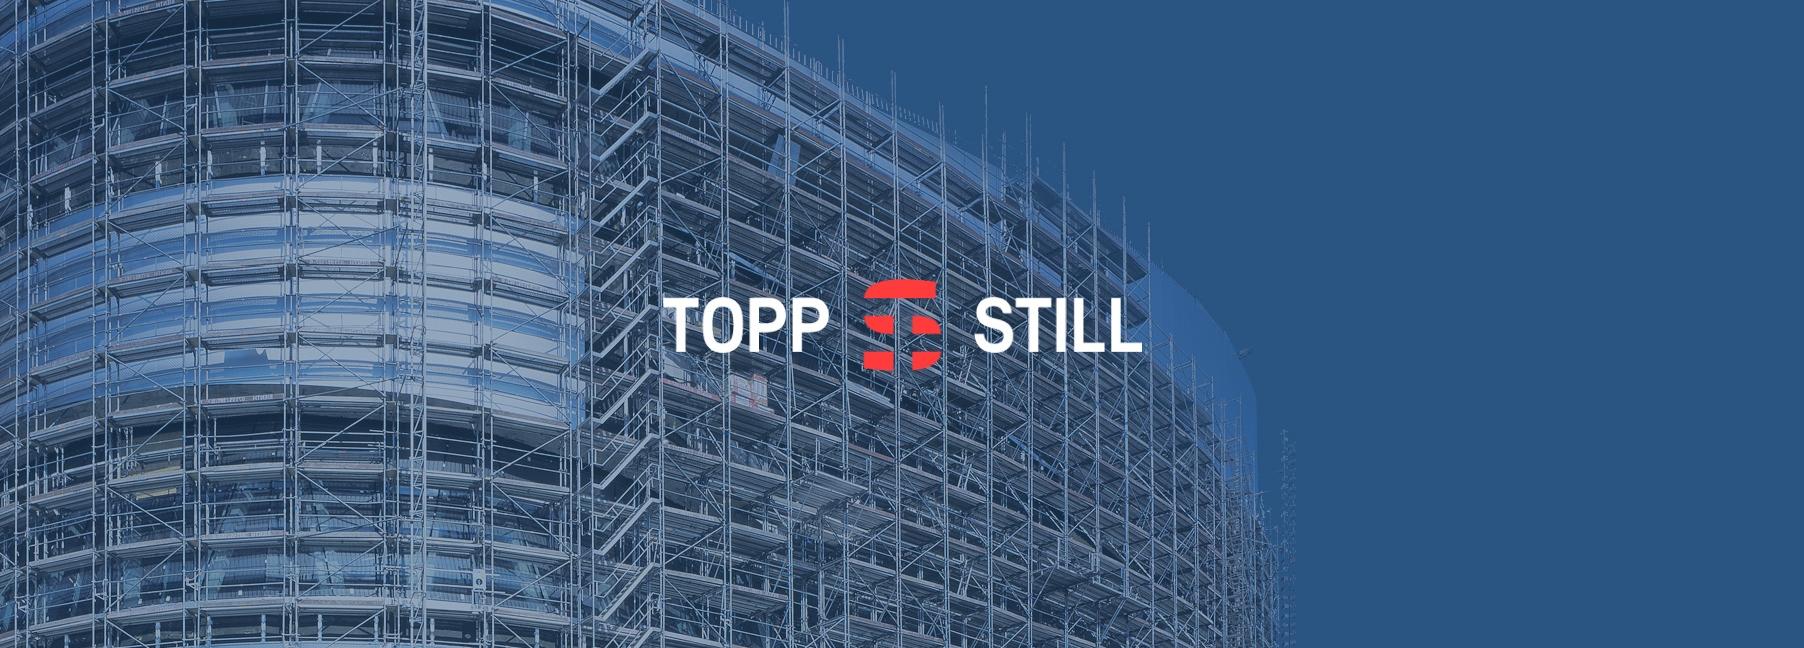 Topp-Still-S